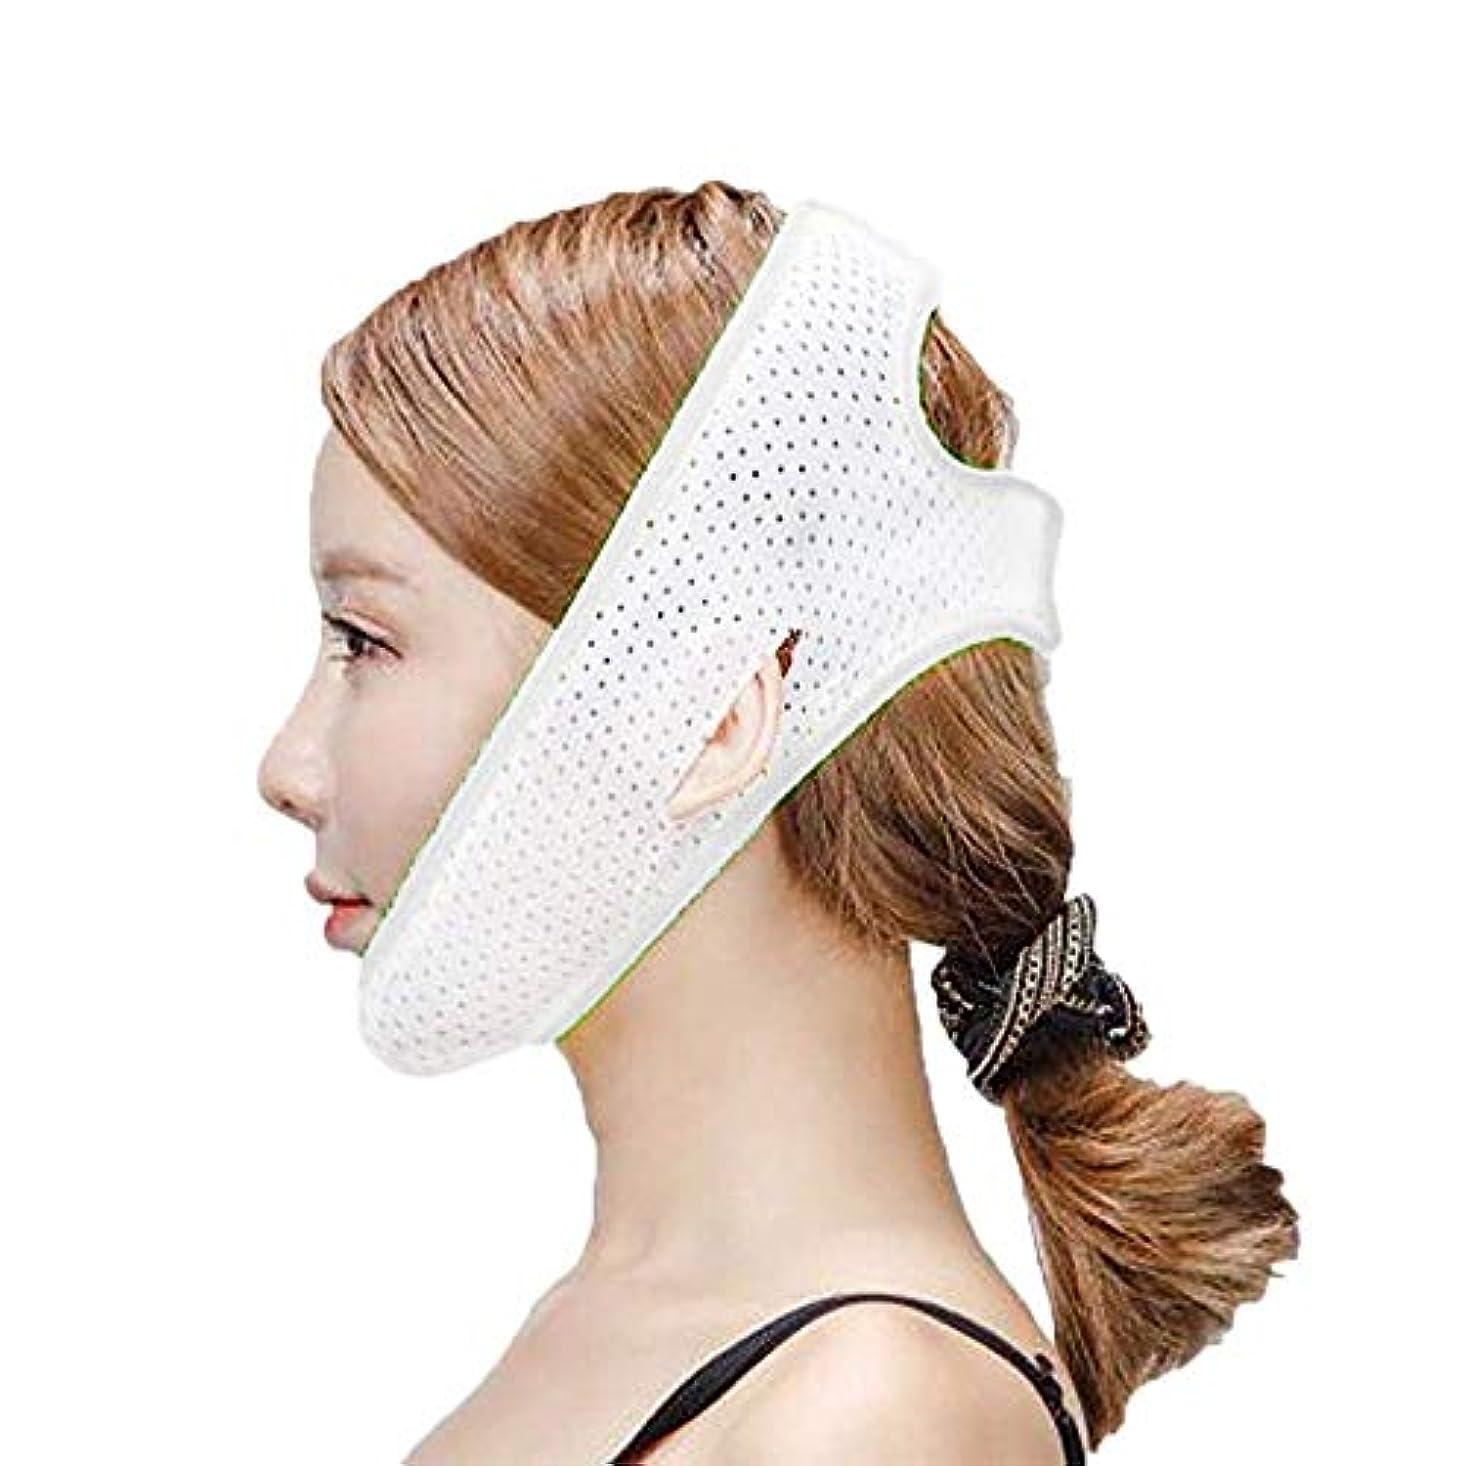 世界記録のギネスブック電気技師見積りフェイスリフトマスク、ダブルチンストラップ、フェイシャル減量マスク、フェイシャルダブルチンケアスリミングマスク、リンクルマスク(フリーサイズ)(カラー:ブラック),白